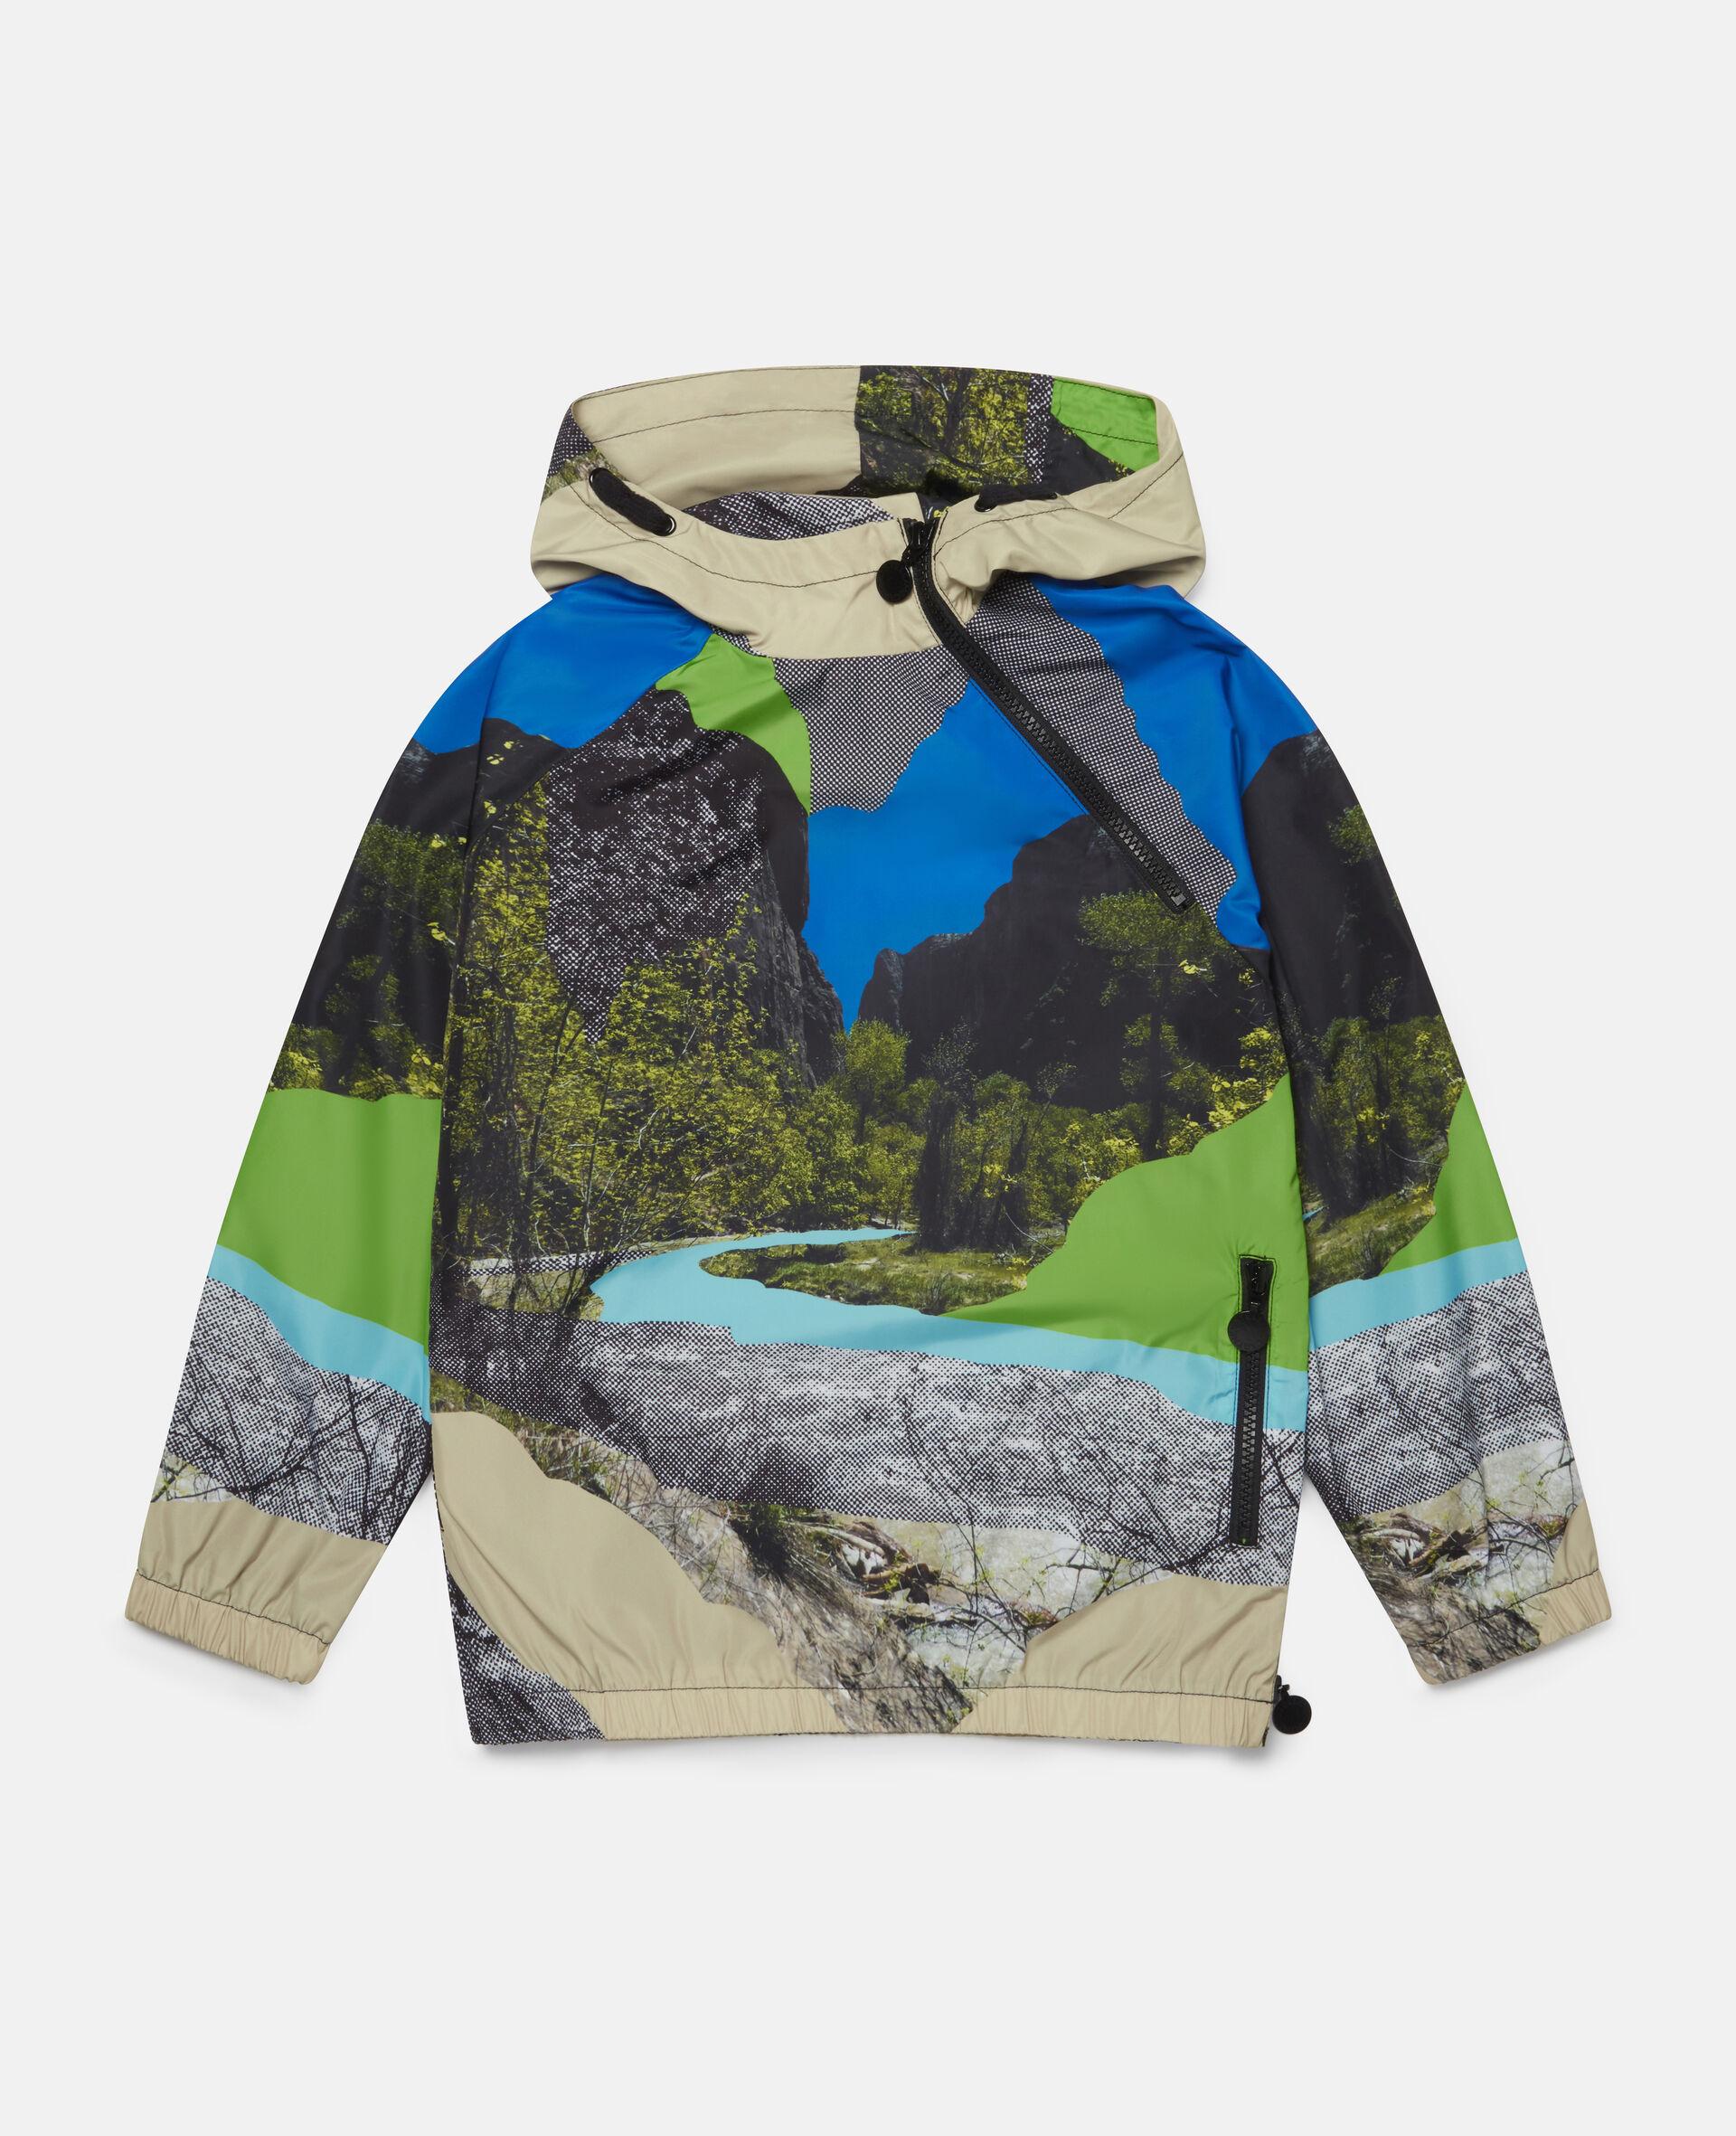 Landscape Hooded Jacket-Multicolour-large image number 0